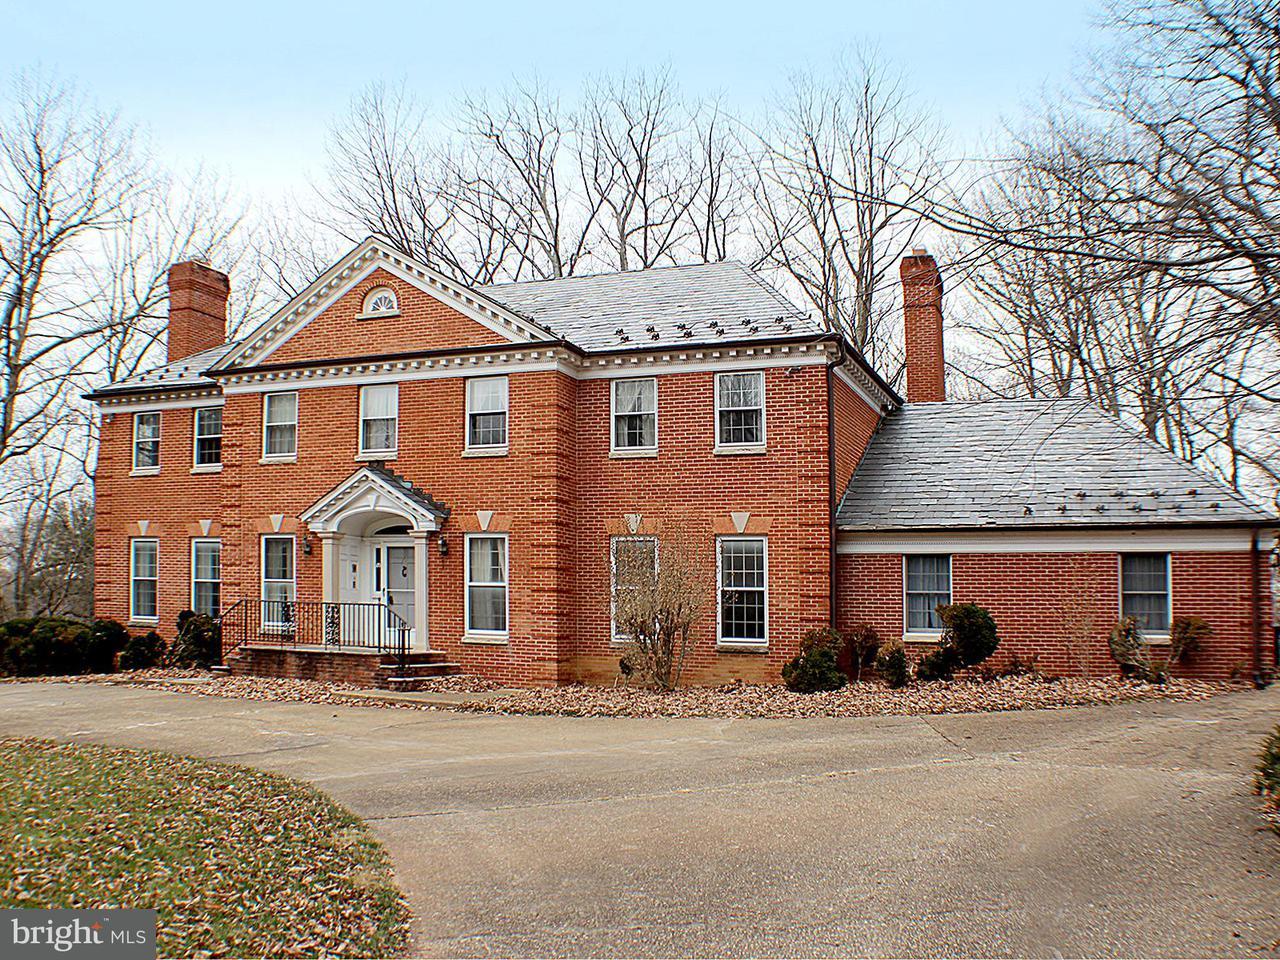 단독 가정 주택 용 매매 에 10900 TARA Road 10900 TARA Road Rockville, 메릴랜드 20854 미국